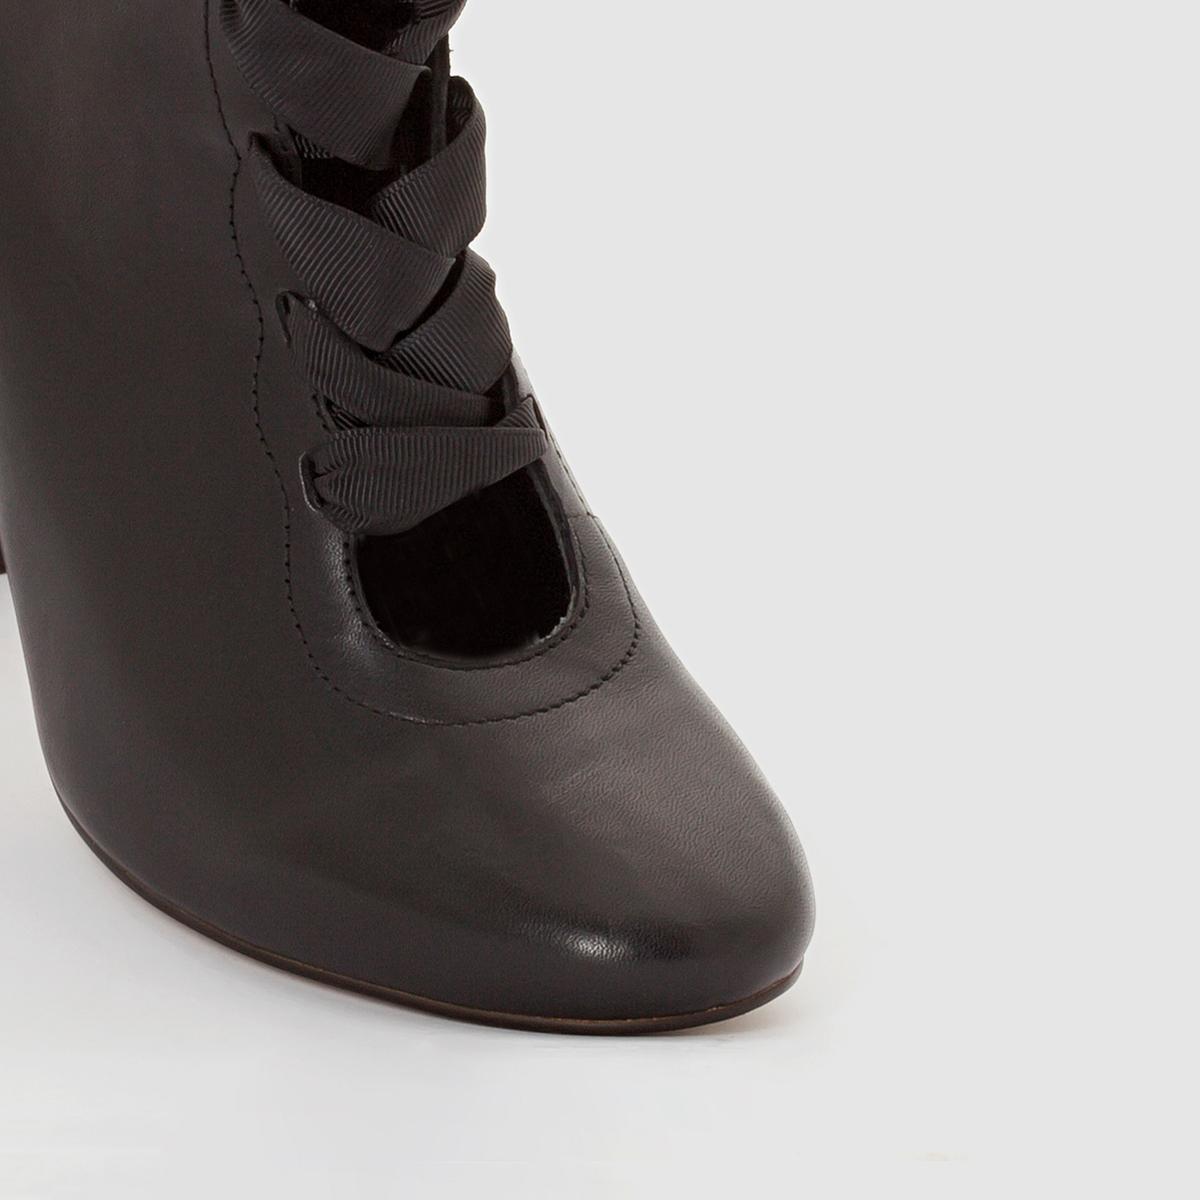 Ботильоны со шнуровкойБотильоны из кожи  SOFT GREY Верх : яловичная кожаПодкладка : кожаСтелька : кожаПодошва : эластомер Каблук : 9 см  Застежка : на молниюПреимущества : ботильоны на высоком каблуке с застежкой на молнию и шнуровкой спереди в стиле нео-ретро.<br><br>Цвет: черный<br>Размер: 38.40